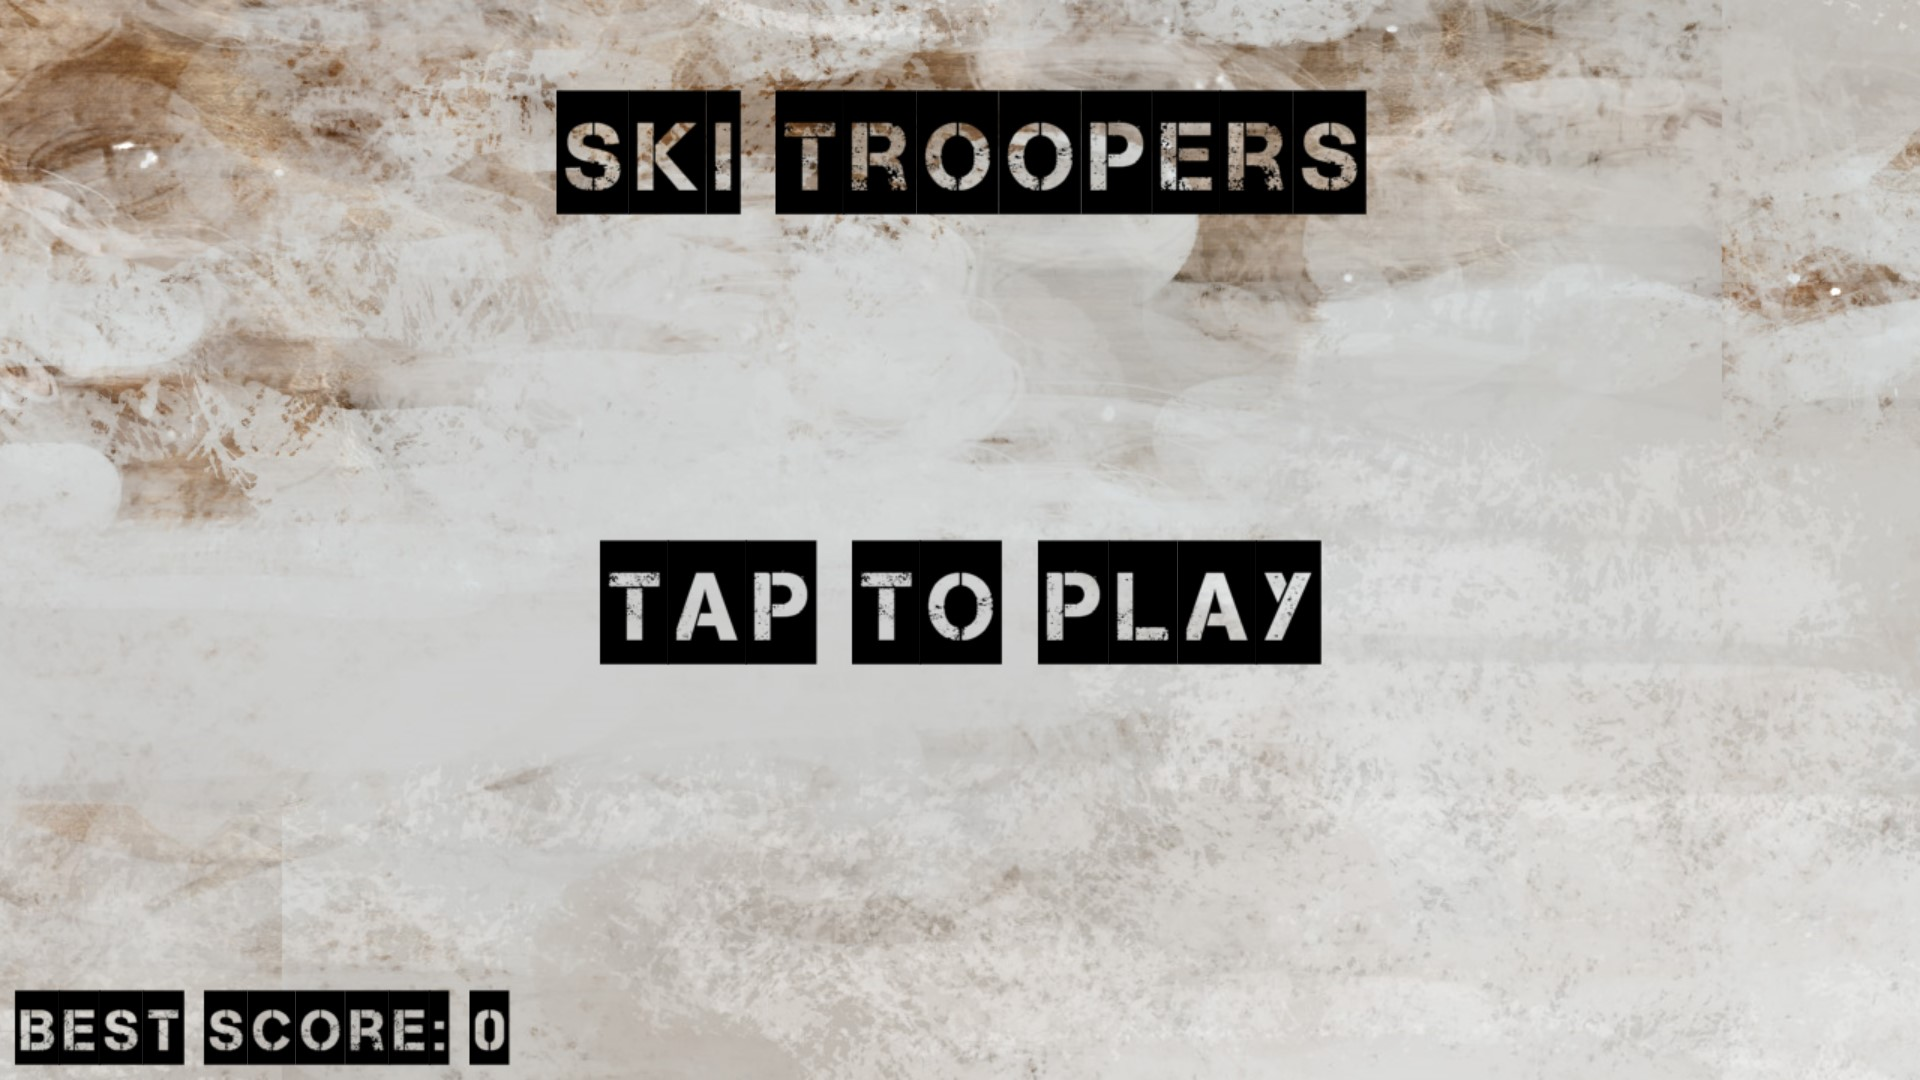 skiTrooper_title.jpg